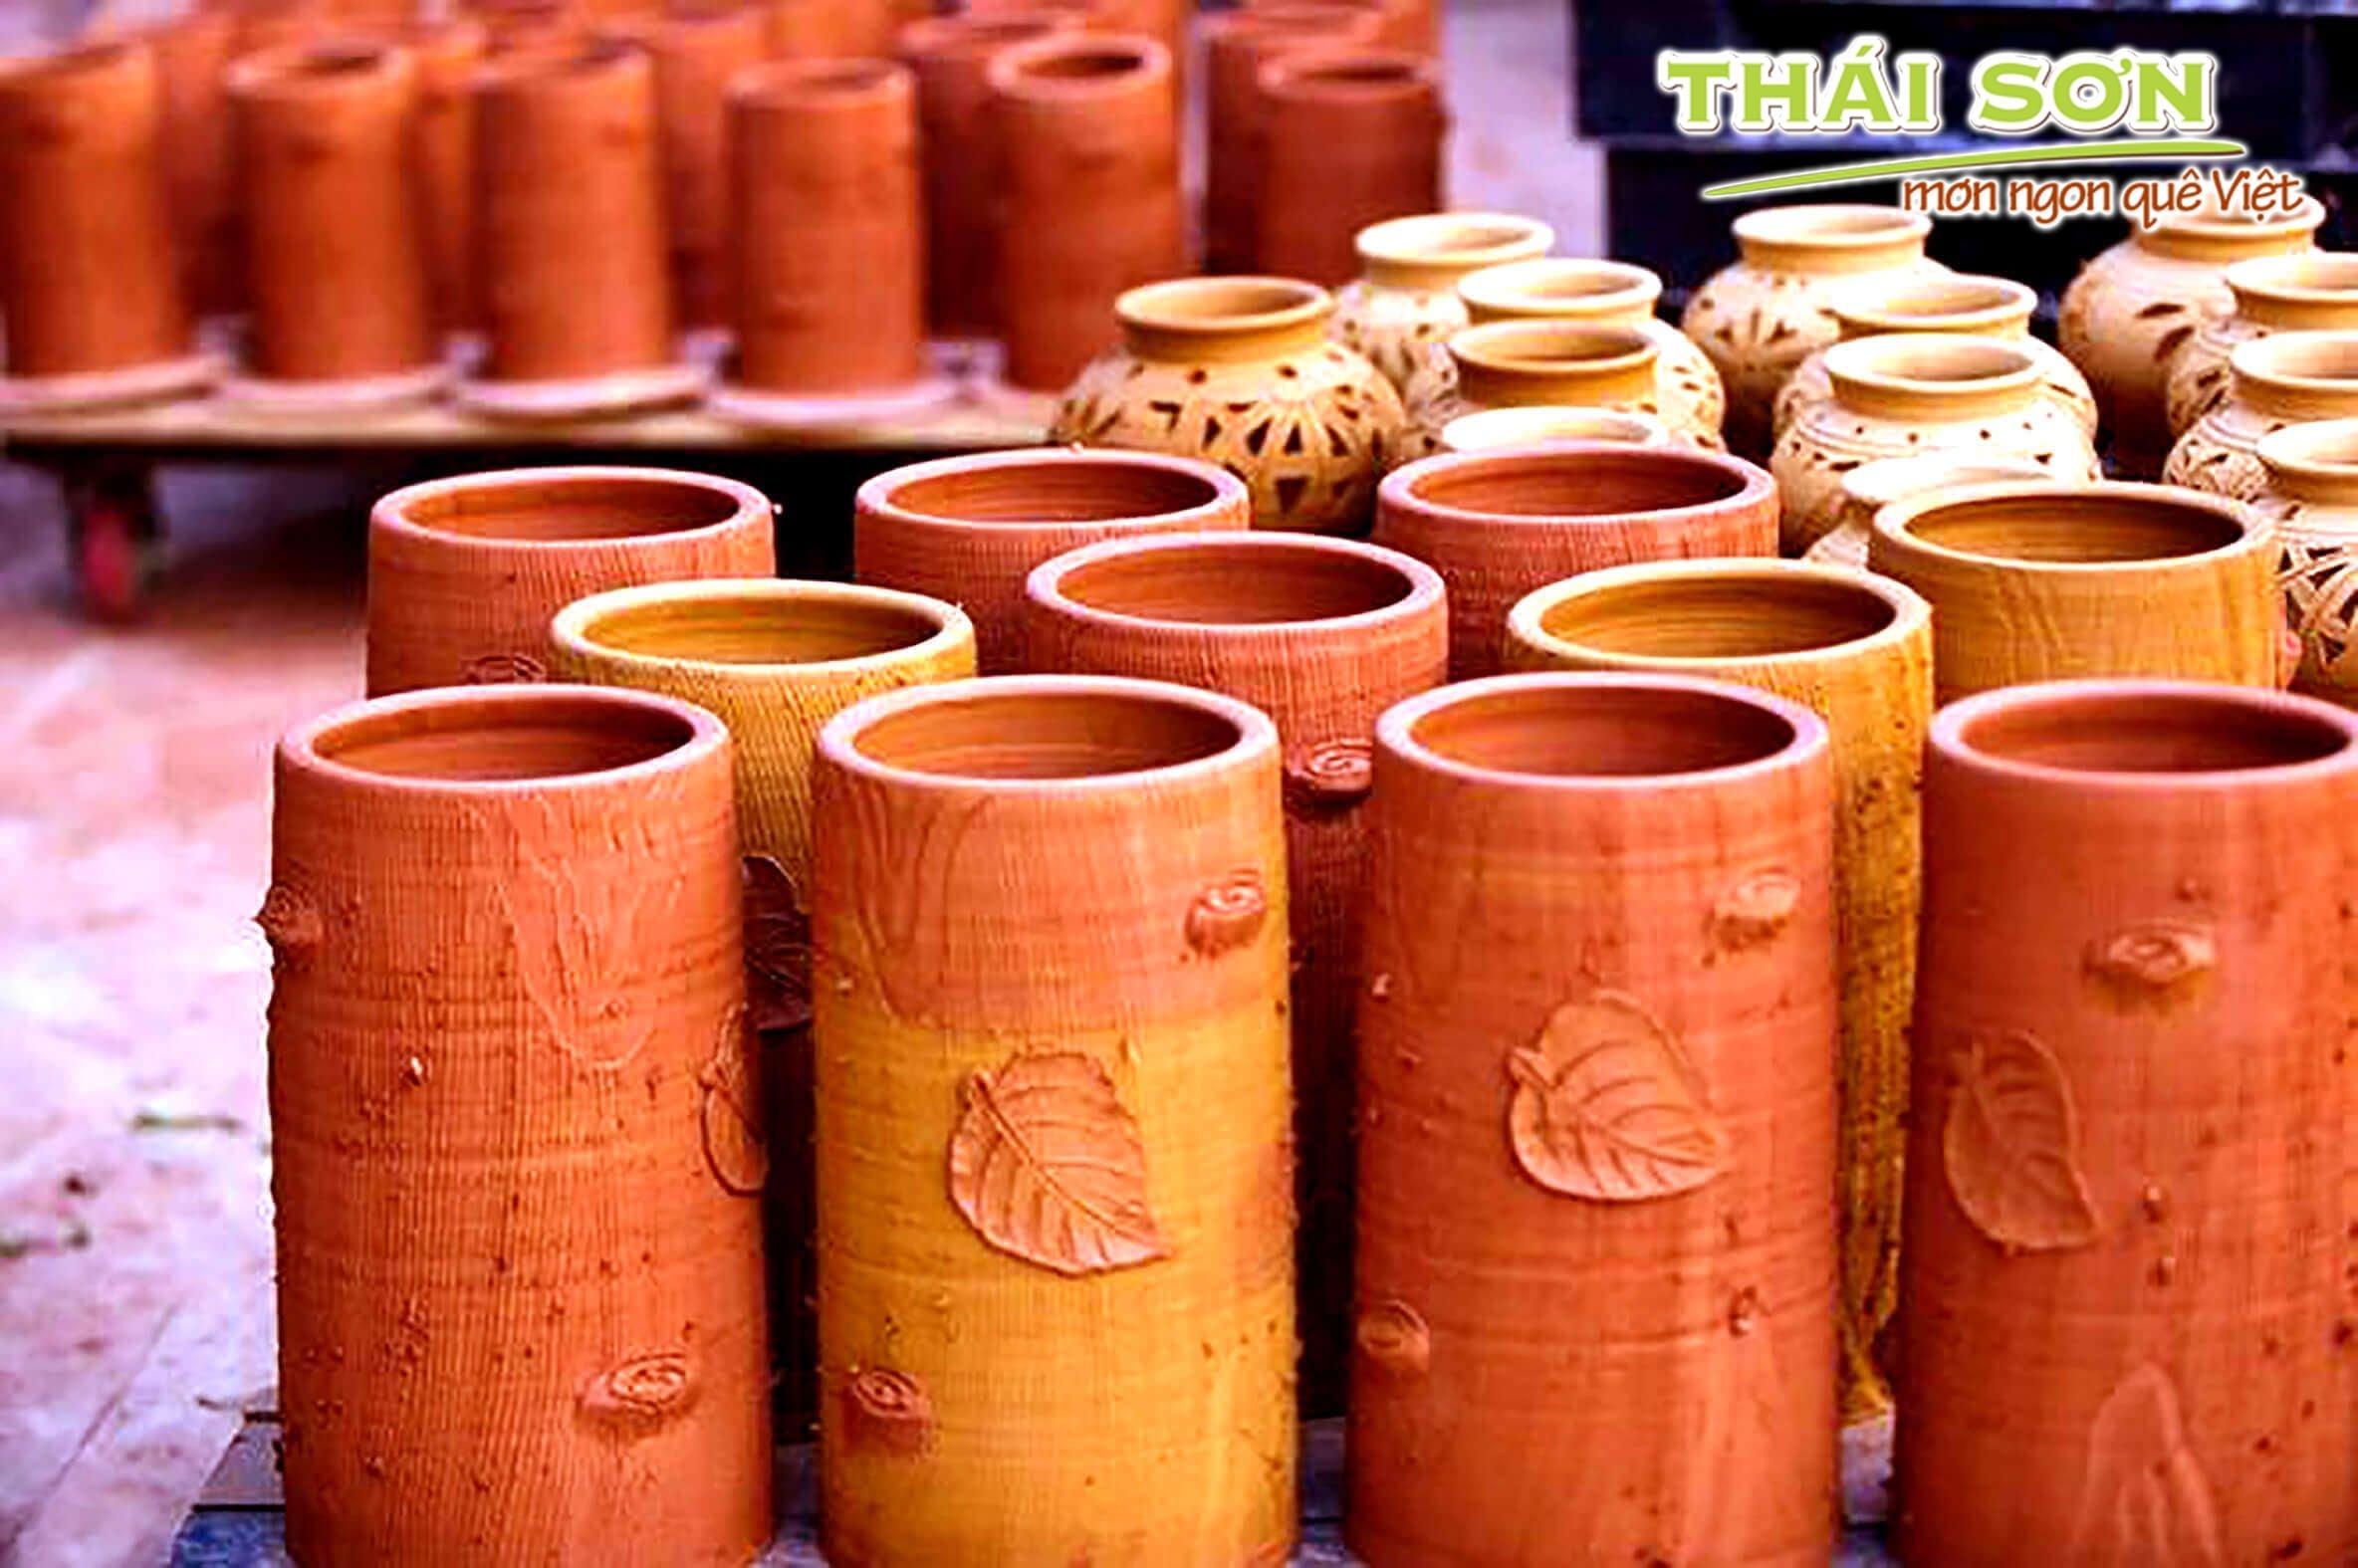 Sữa-Bắp-Nếp-Thái-Sơn-Một-Làng-Nghề-Đẹp-Như-Cổ-Tích-03